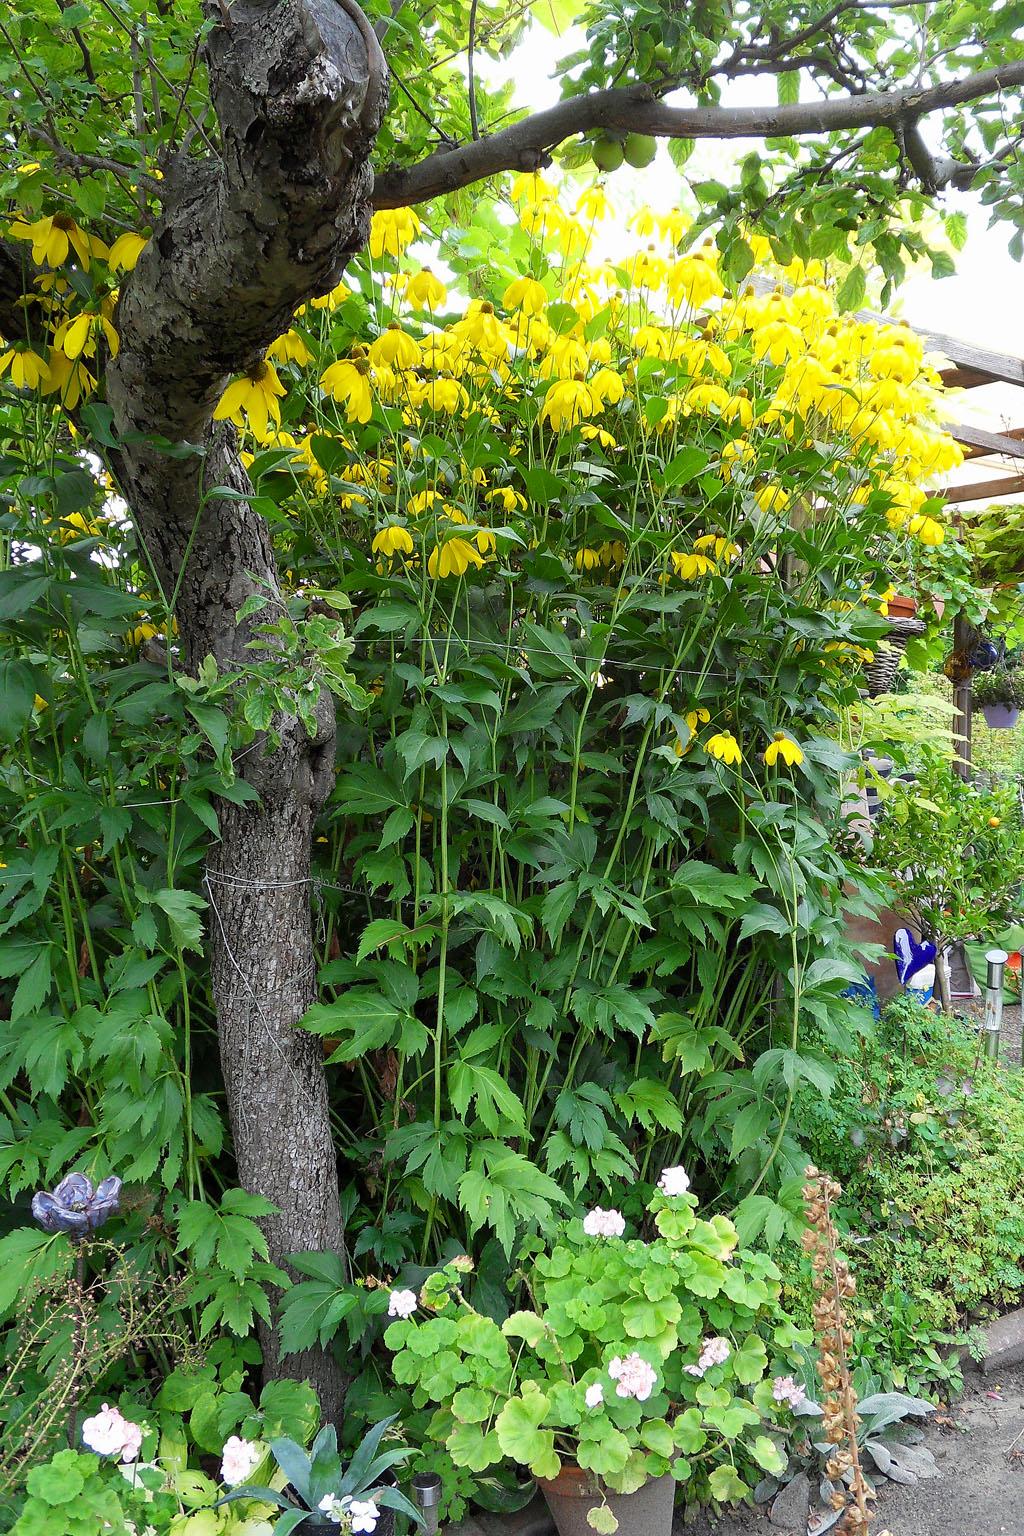 i Trädgården - vacker gammal gul rudbeckia, rabatt, perenn